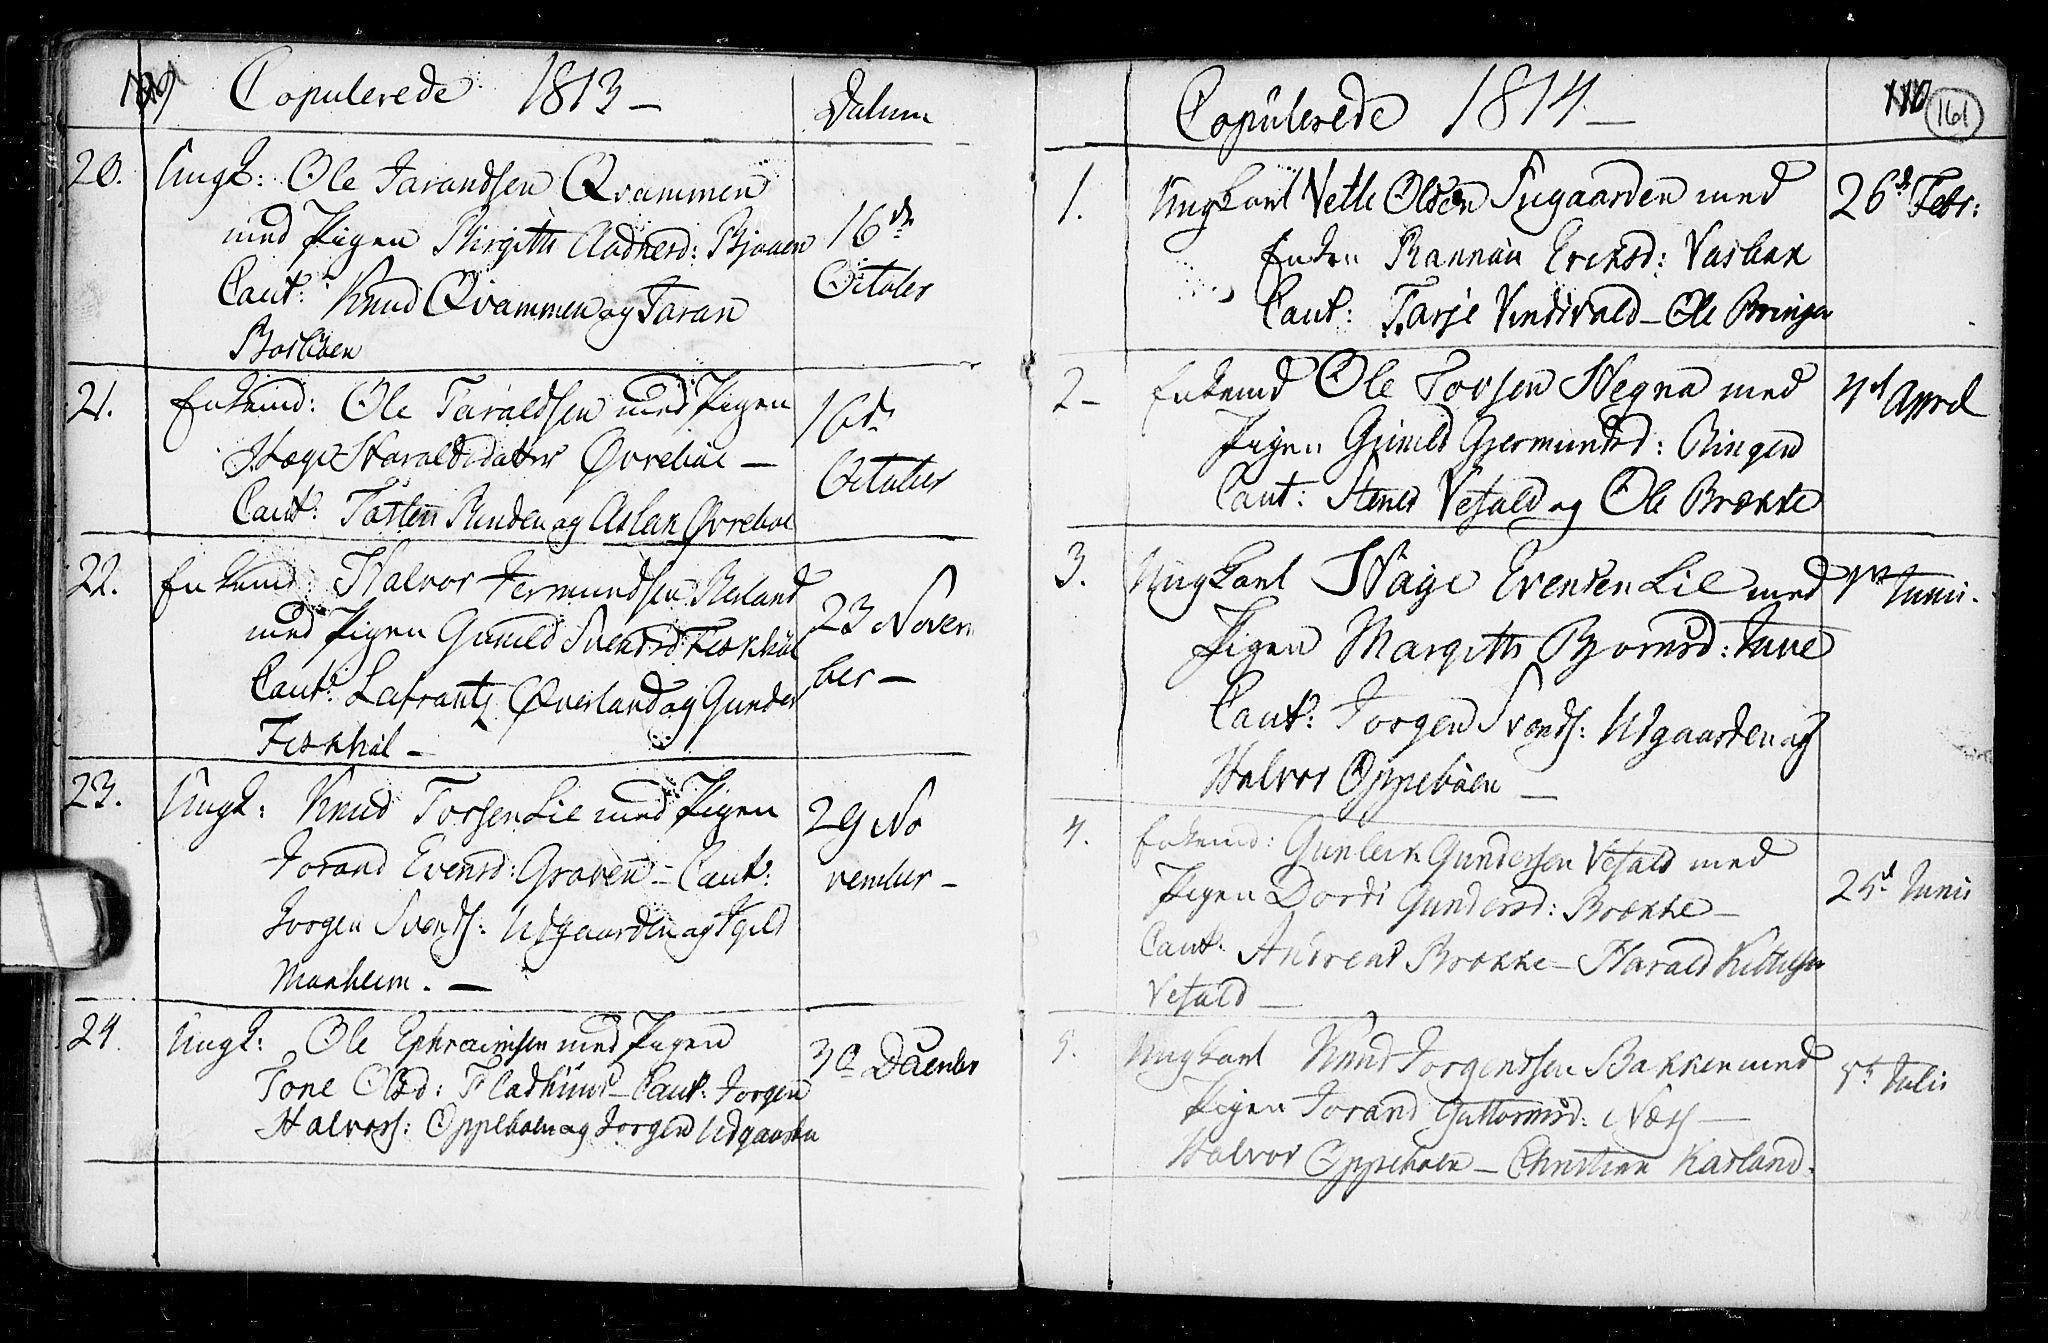 SAKO, Seljord kirkebøker, F/Fa/L0008: Ministerialbok nr. I 8, 1755-1814, s. 161